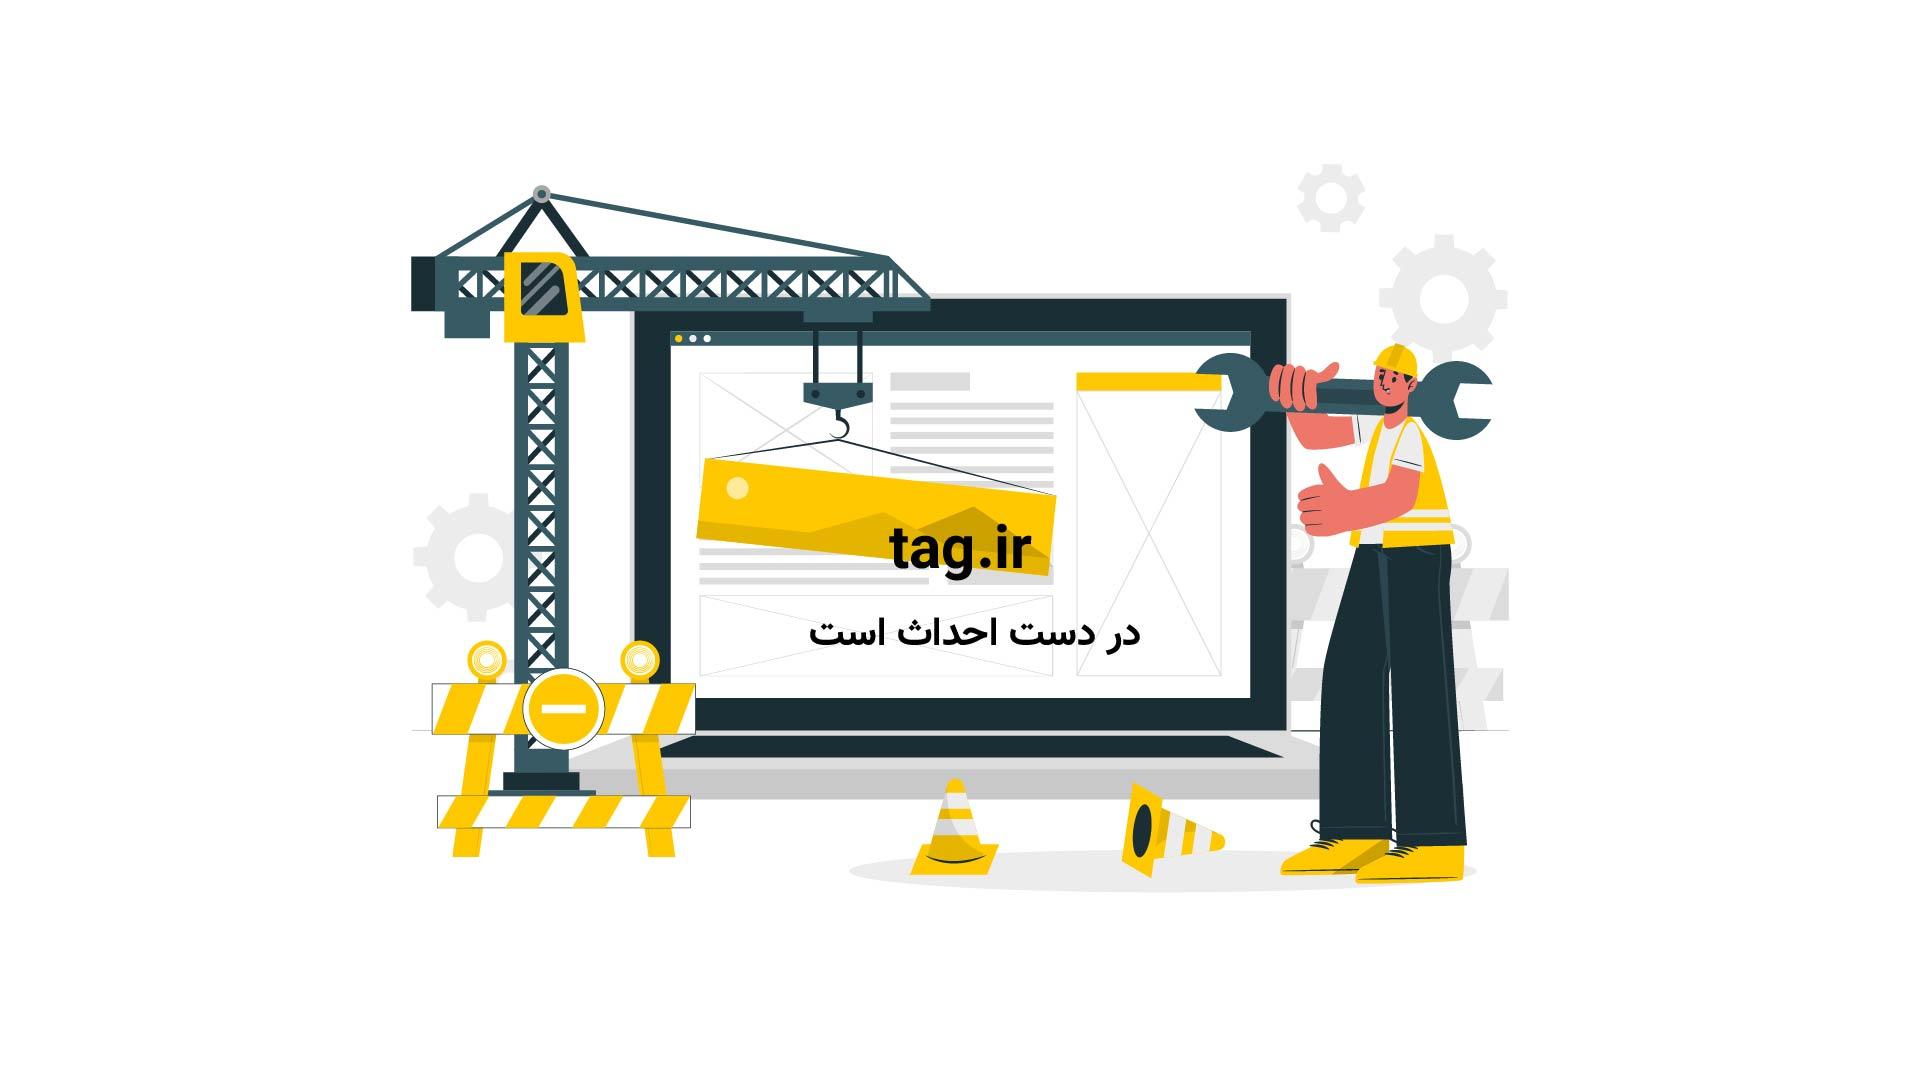 فیل عصبانی | تگ